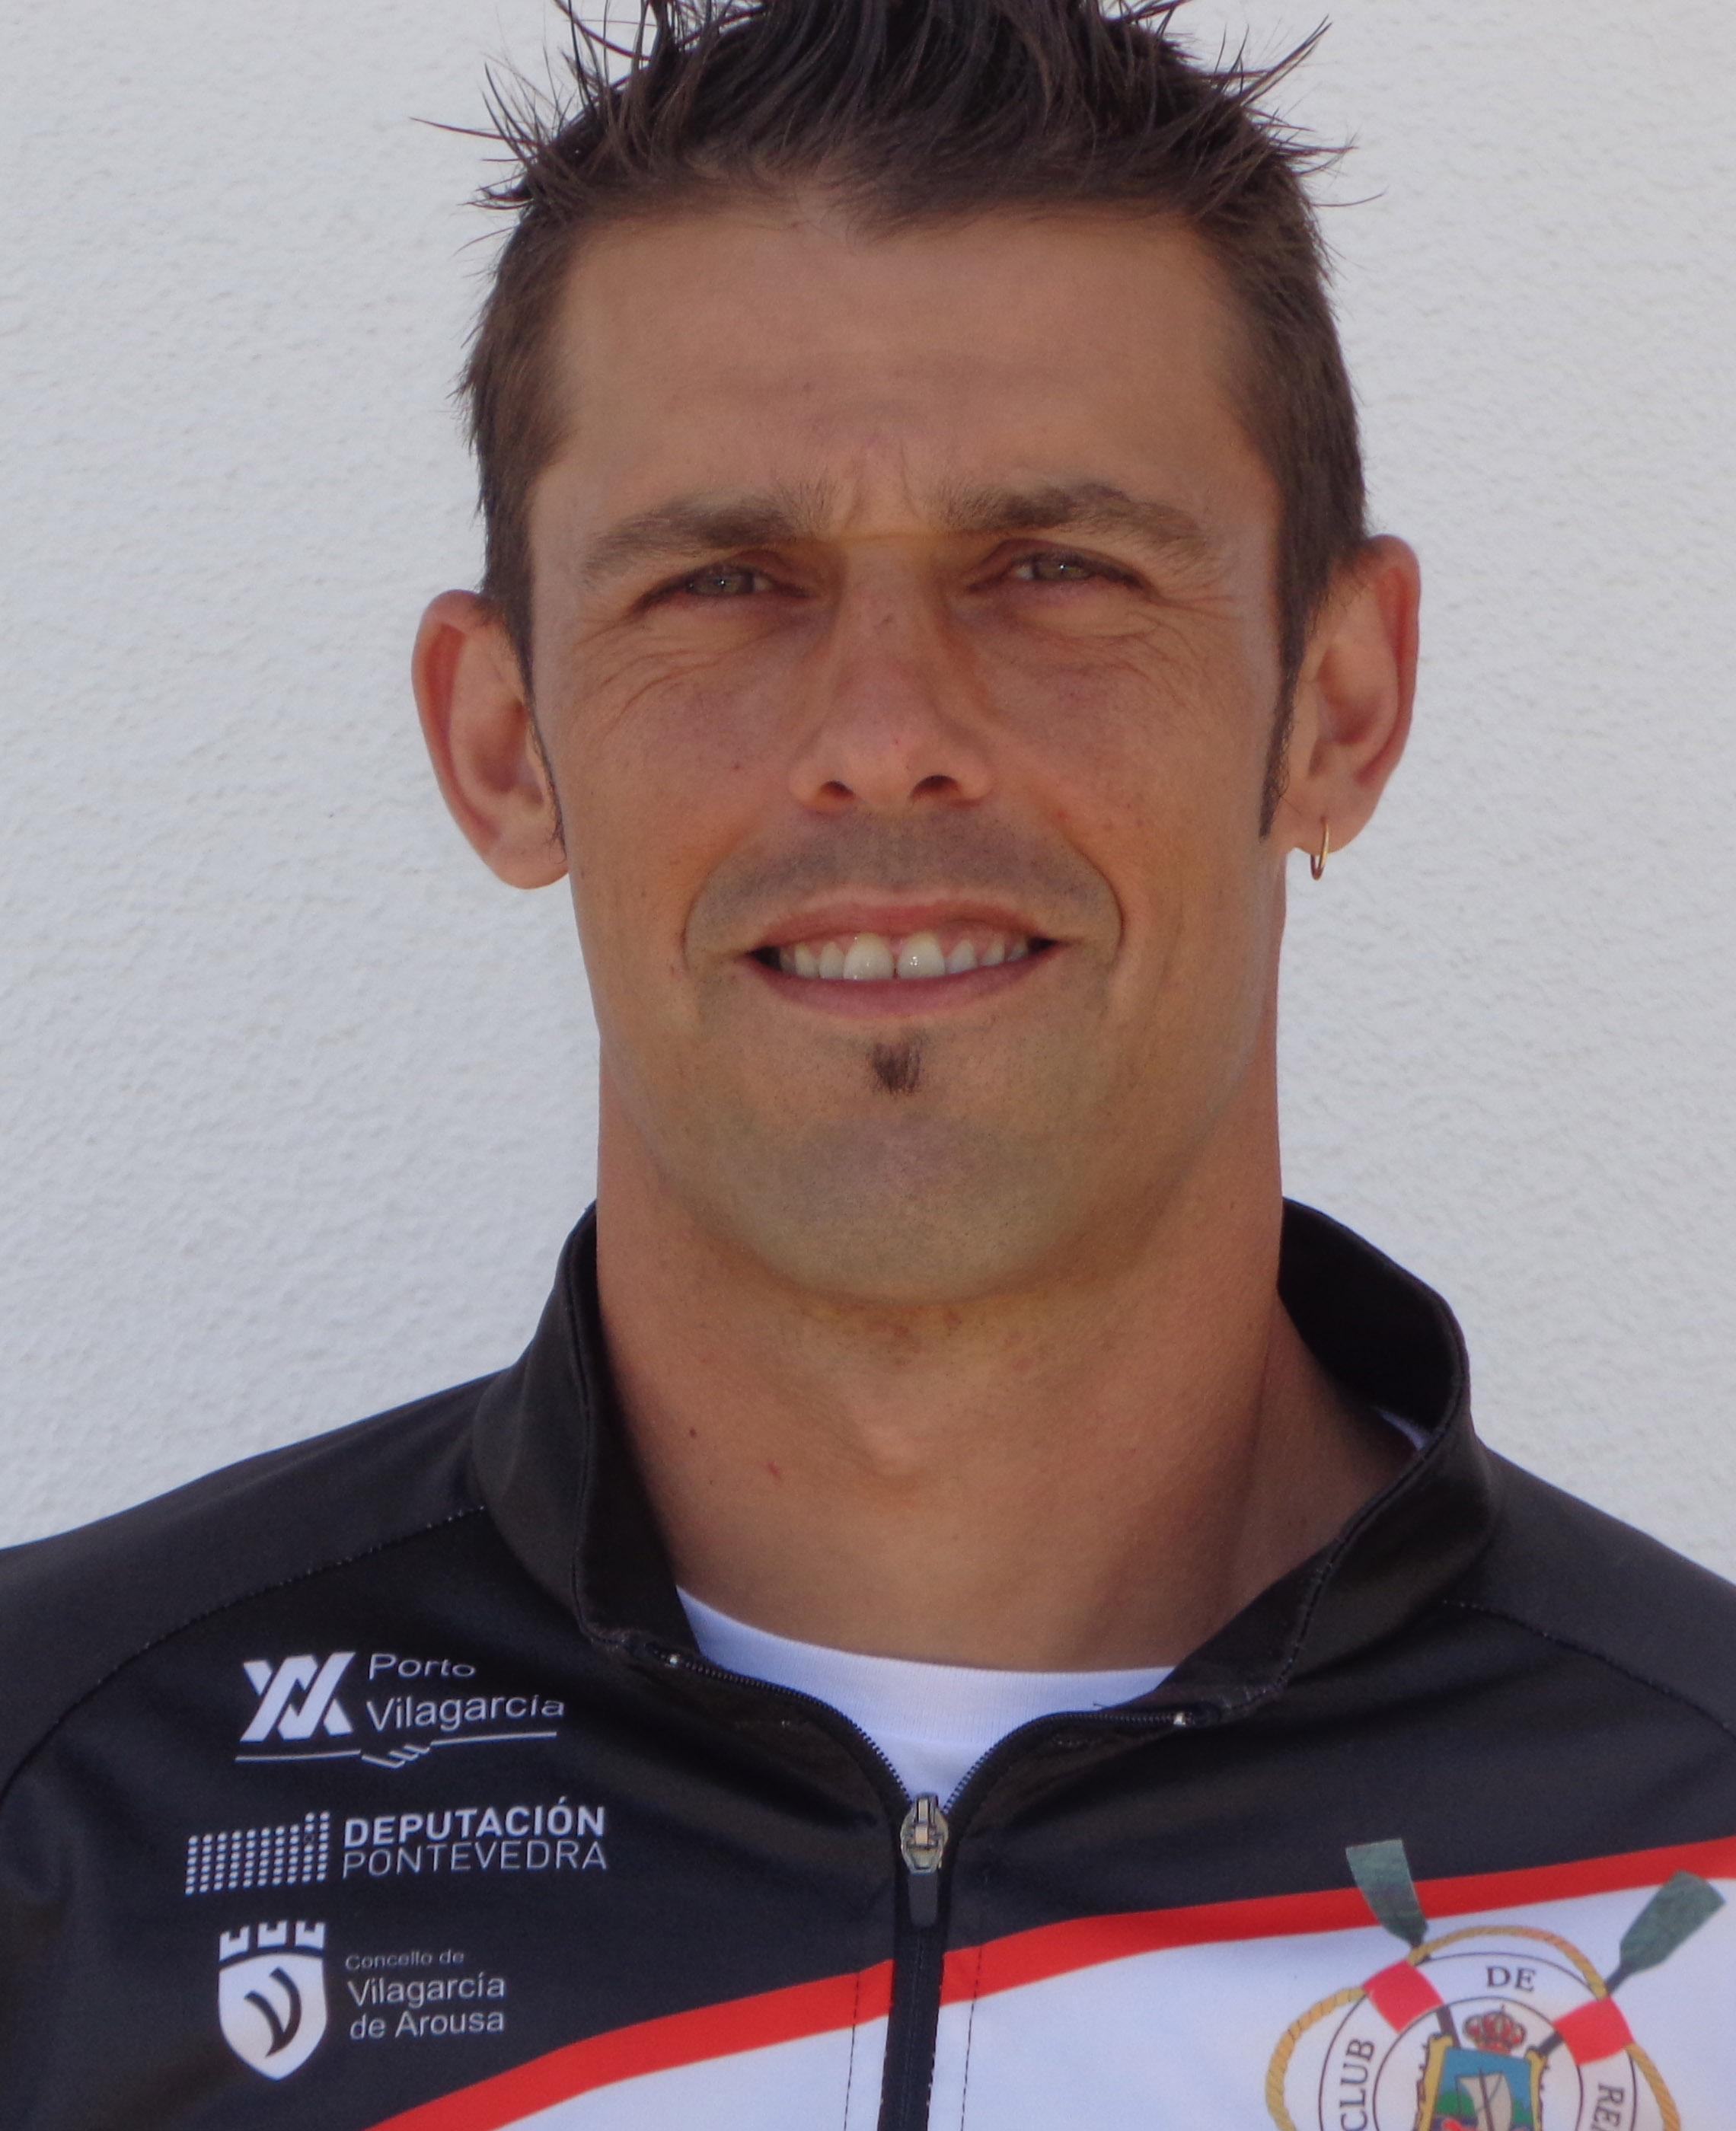 Pablo Casas - PROPIO